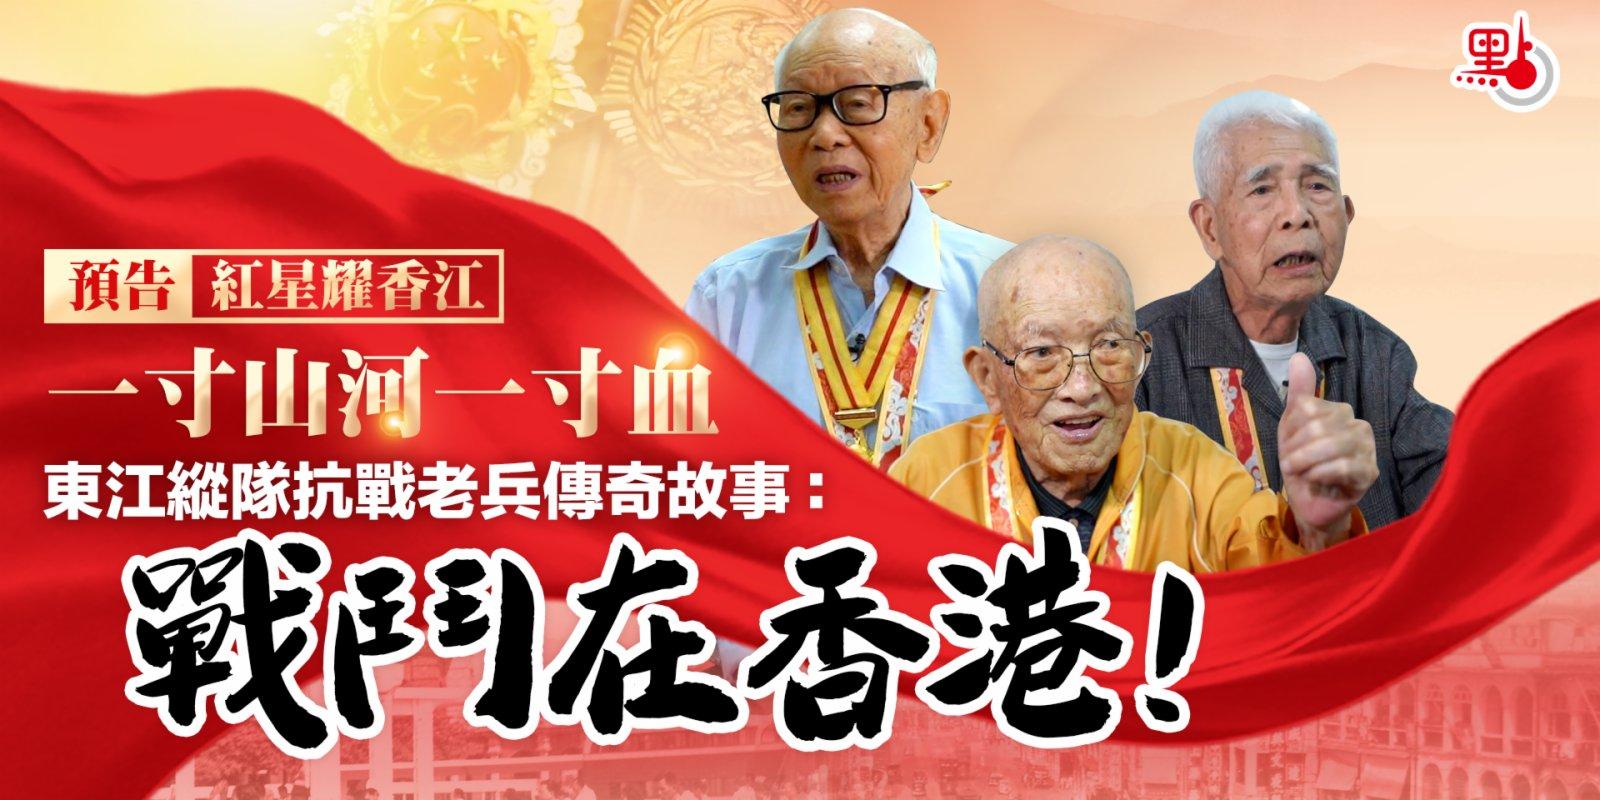 【預告】紅星耀香江 一寸山河一寸血 東江縱隊抗戰老兵傳奇故事:戰鬥在香港!